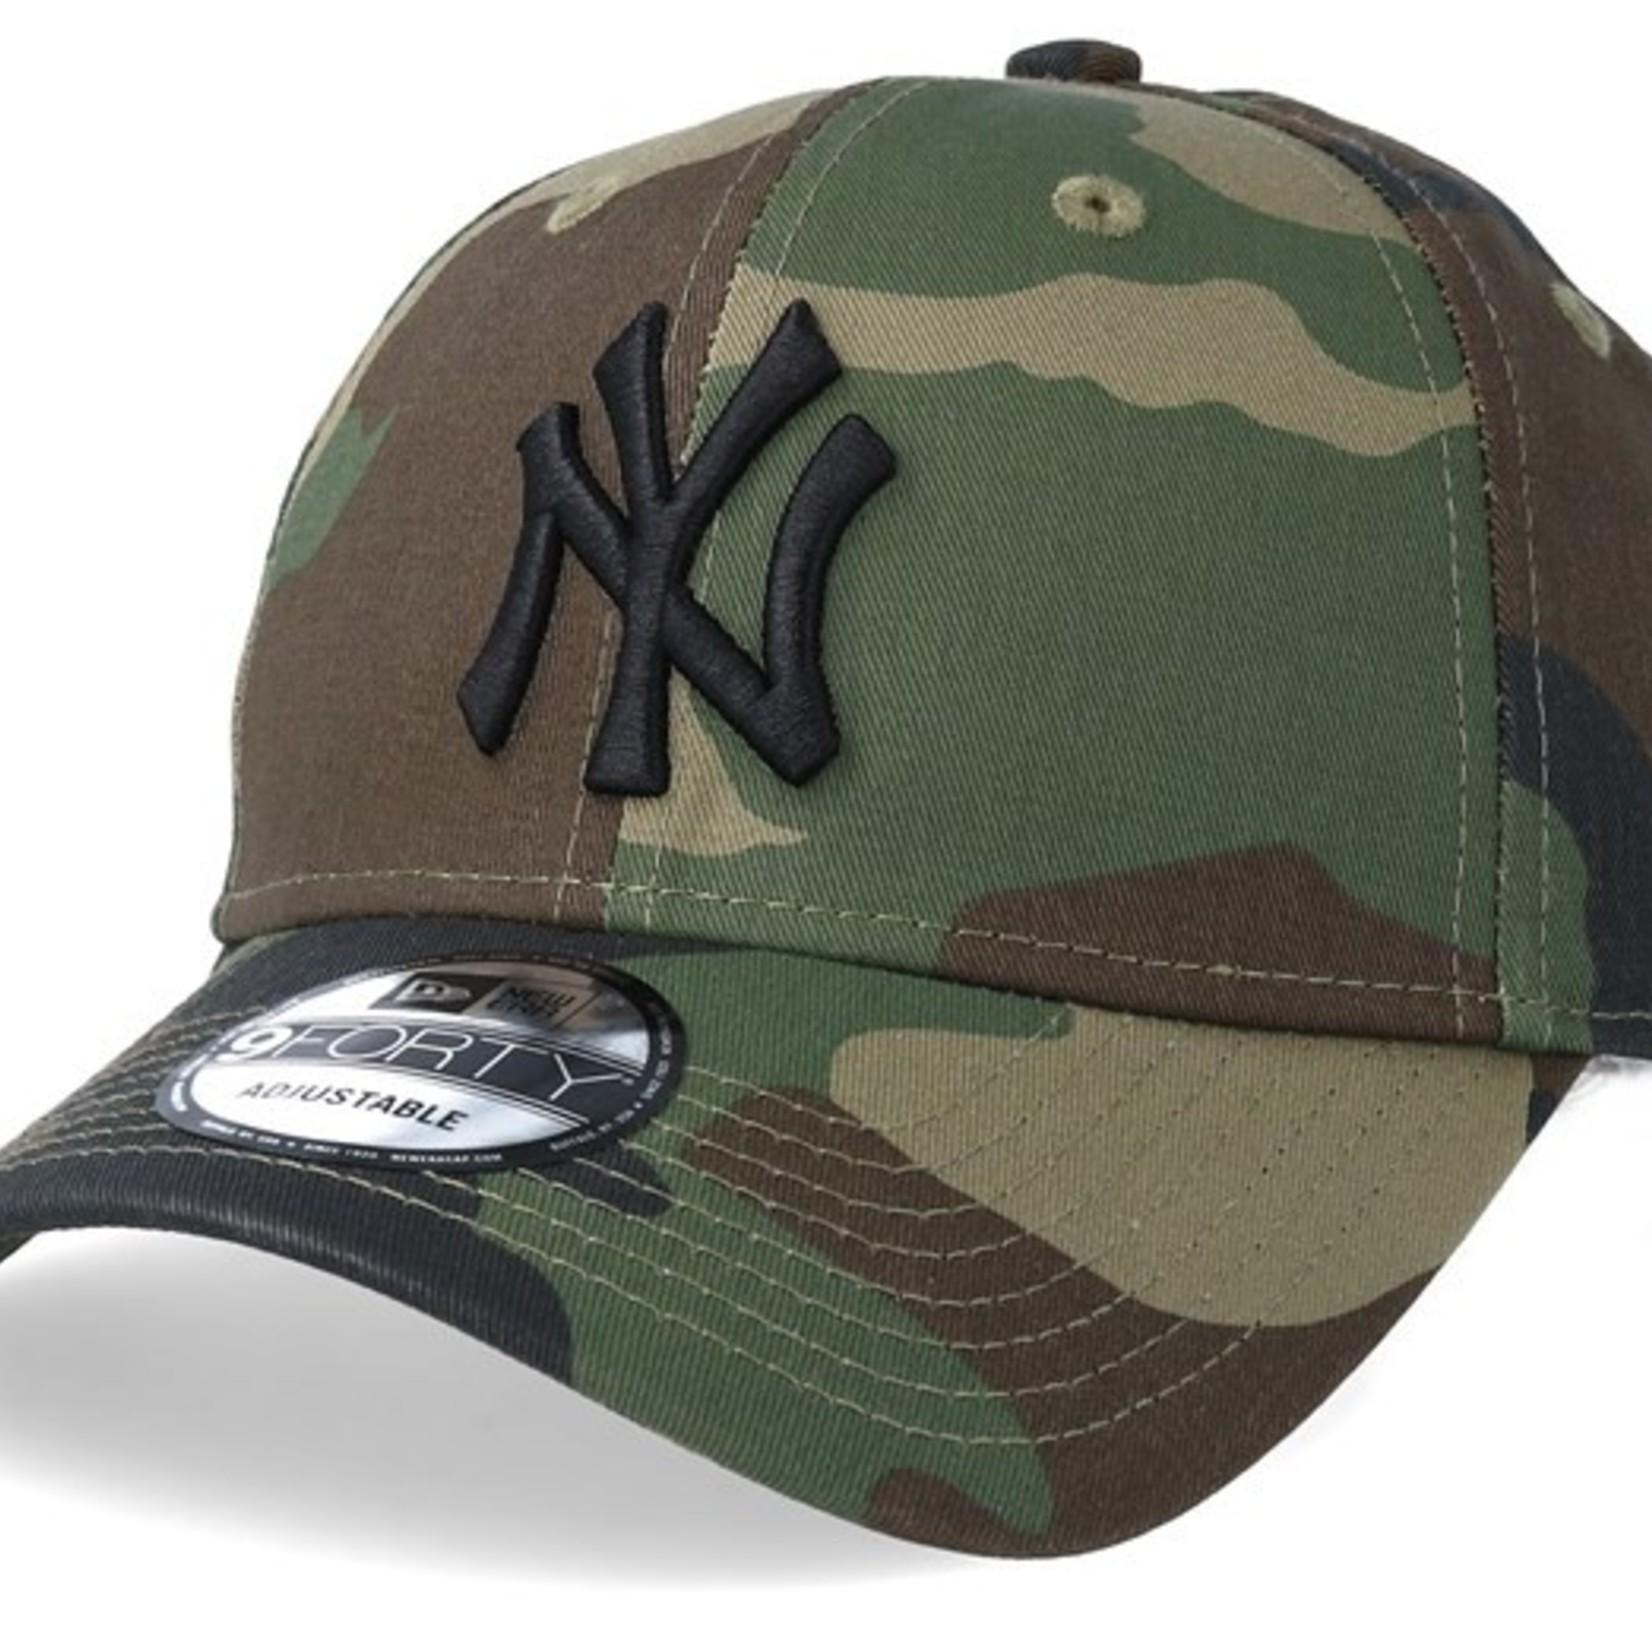 New Era NY 9Forty Camo/Black adjustable